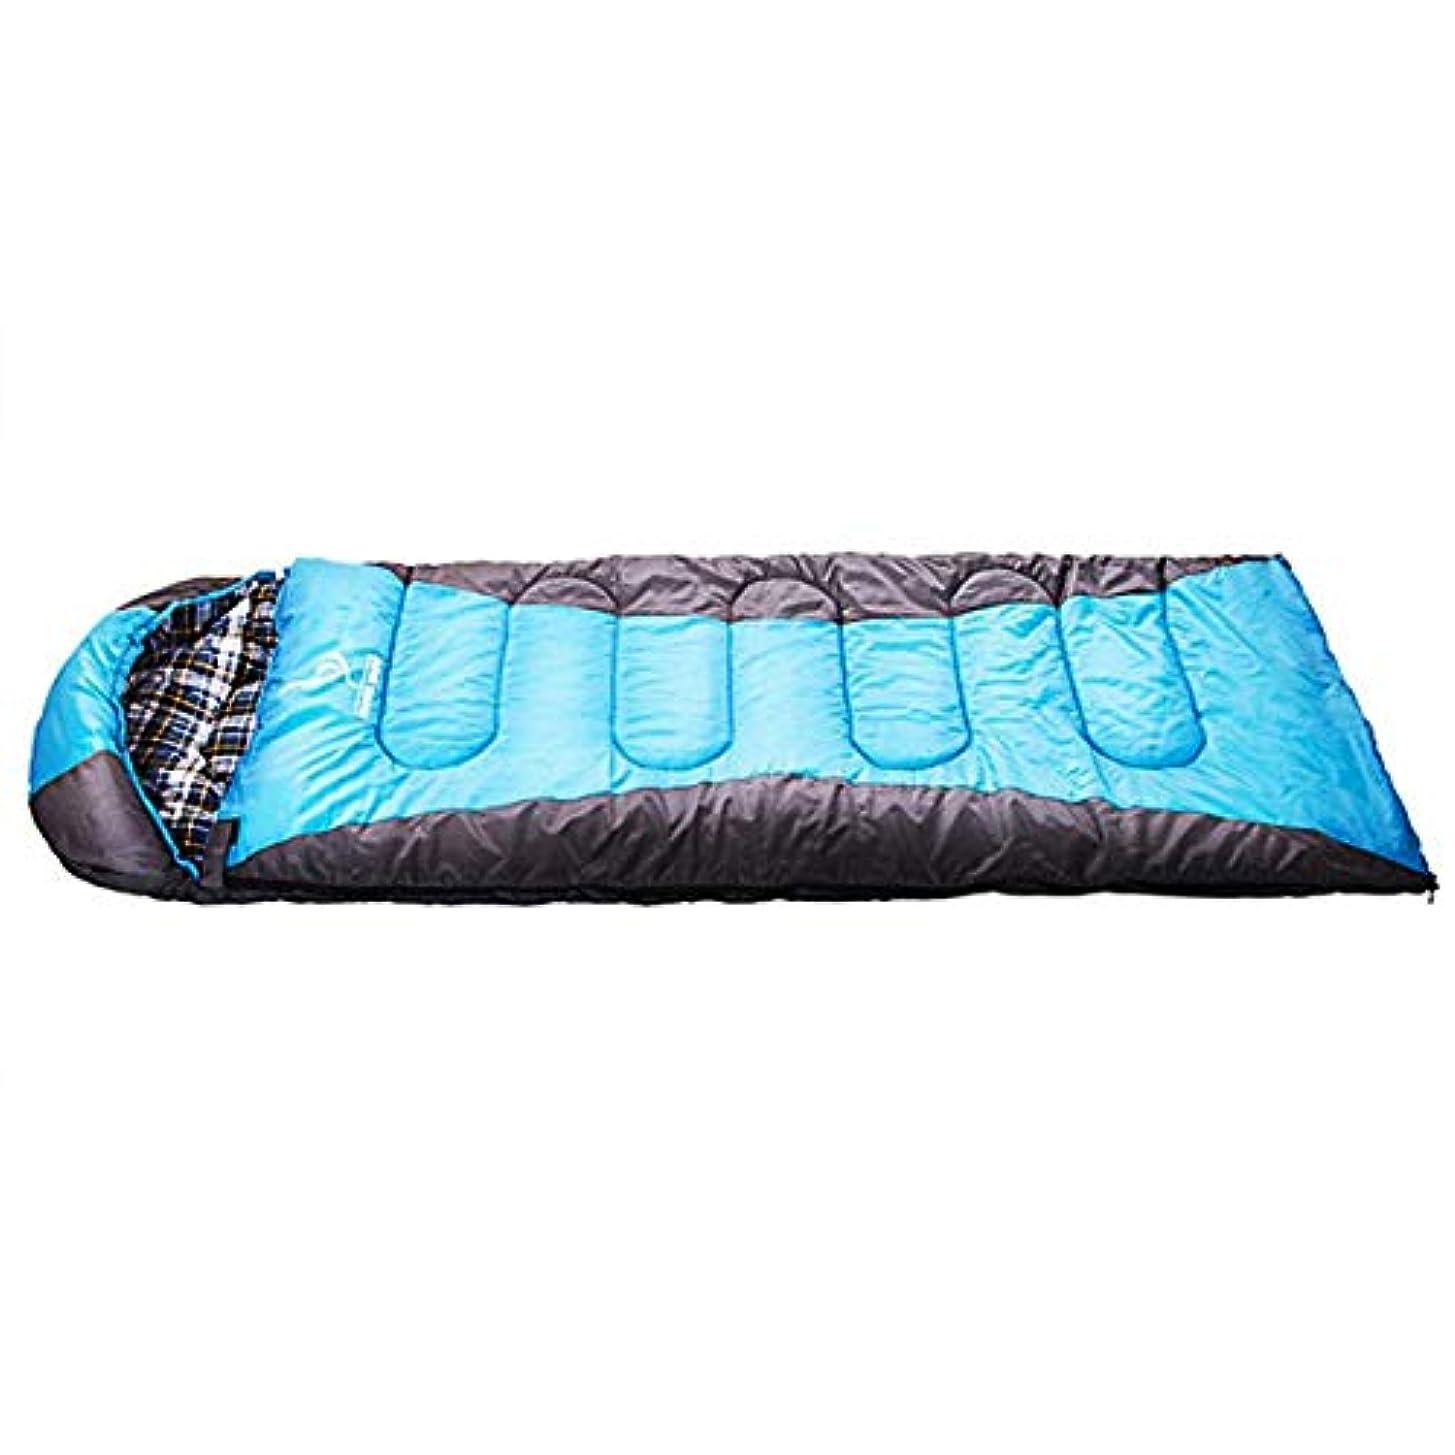 リハーサル思いやり呼ぶ新アウトドアキャンプ寝袋特別な厚い秋と冬のスポーツ用品マウンテン用品キャンプの寝袋